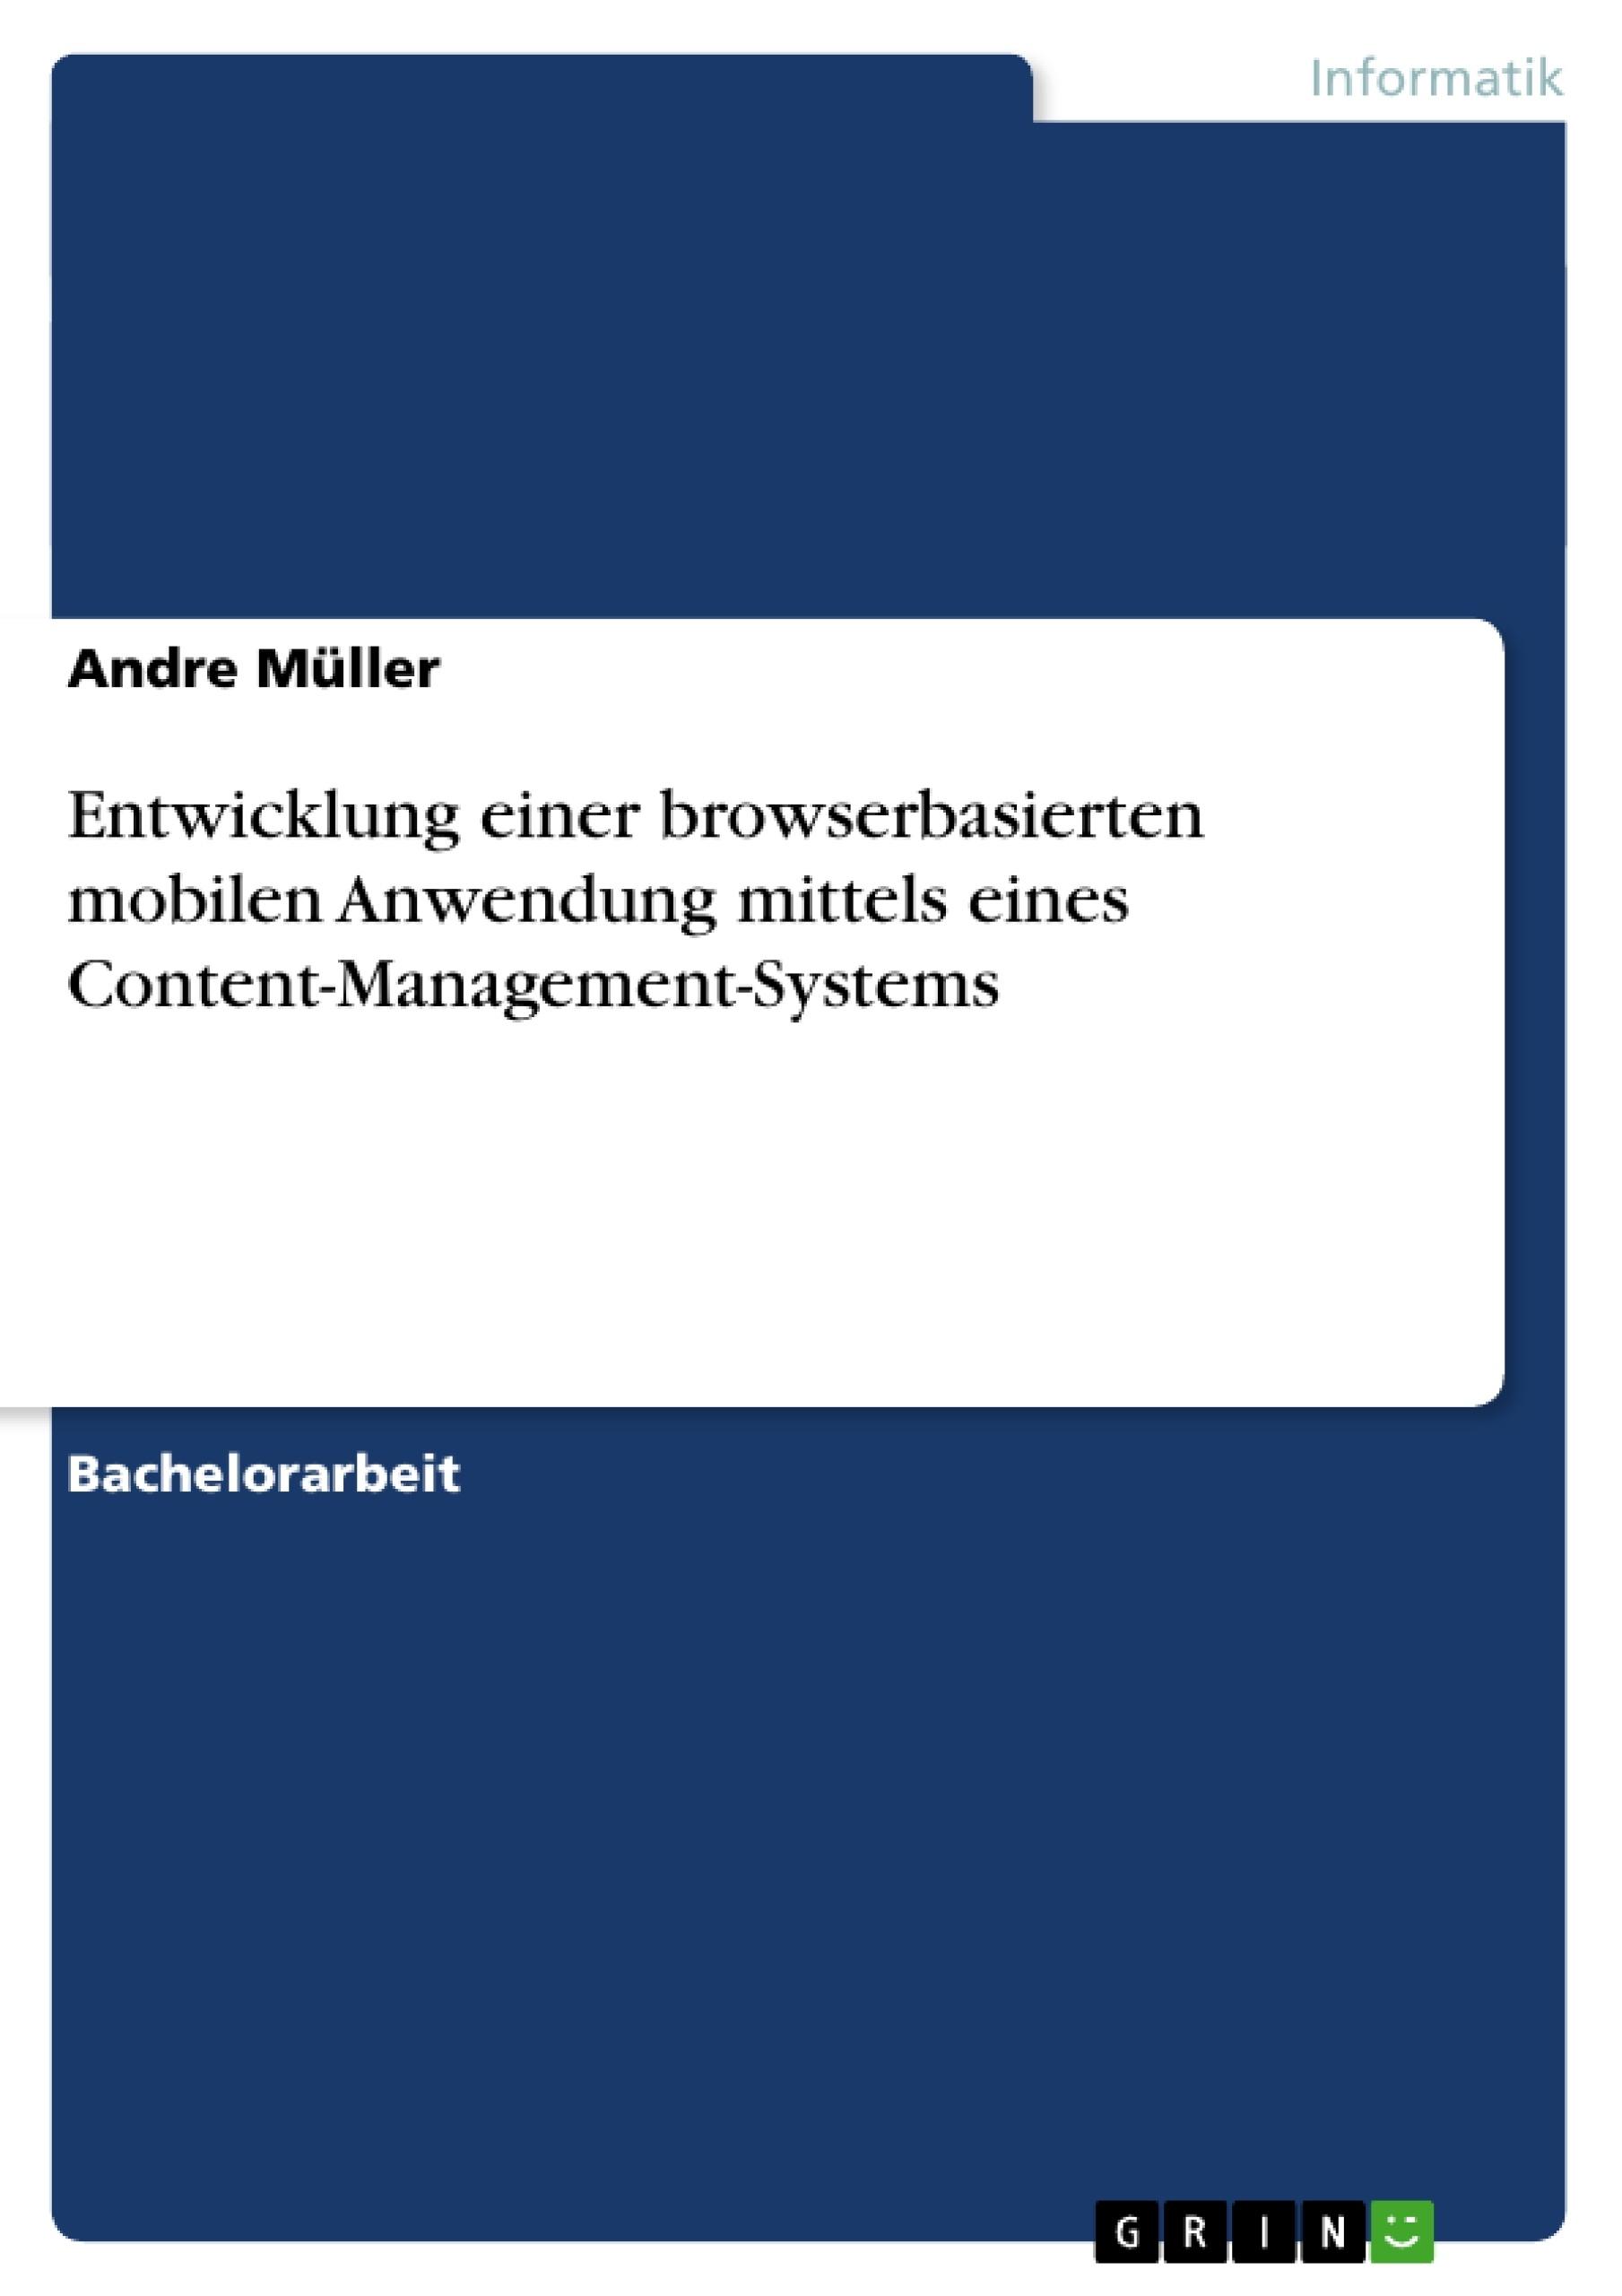 Titel: Entwicklung einer browserbasierten mobilen Anwendung mittels eines Content-Management-Systems